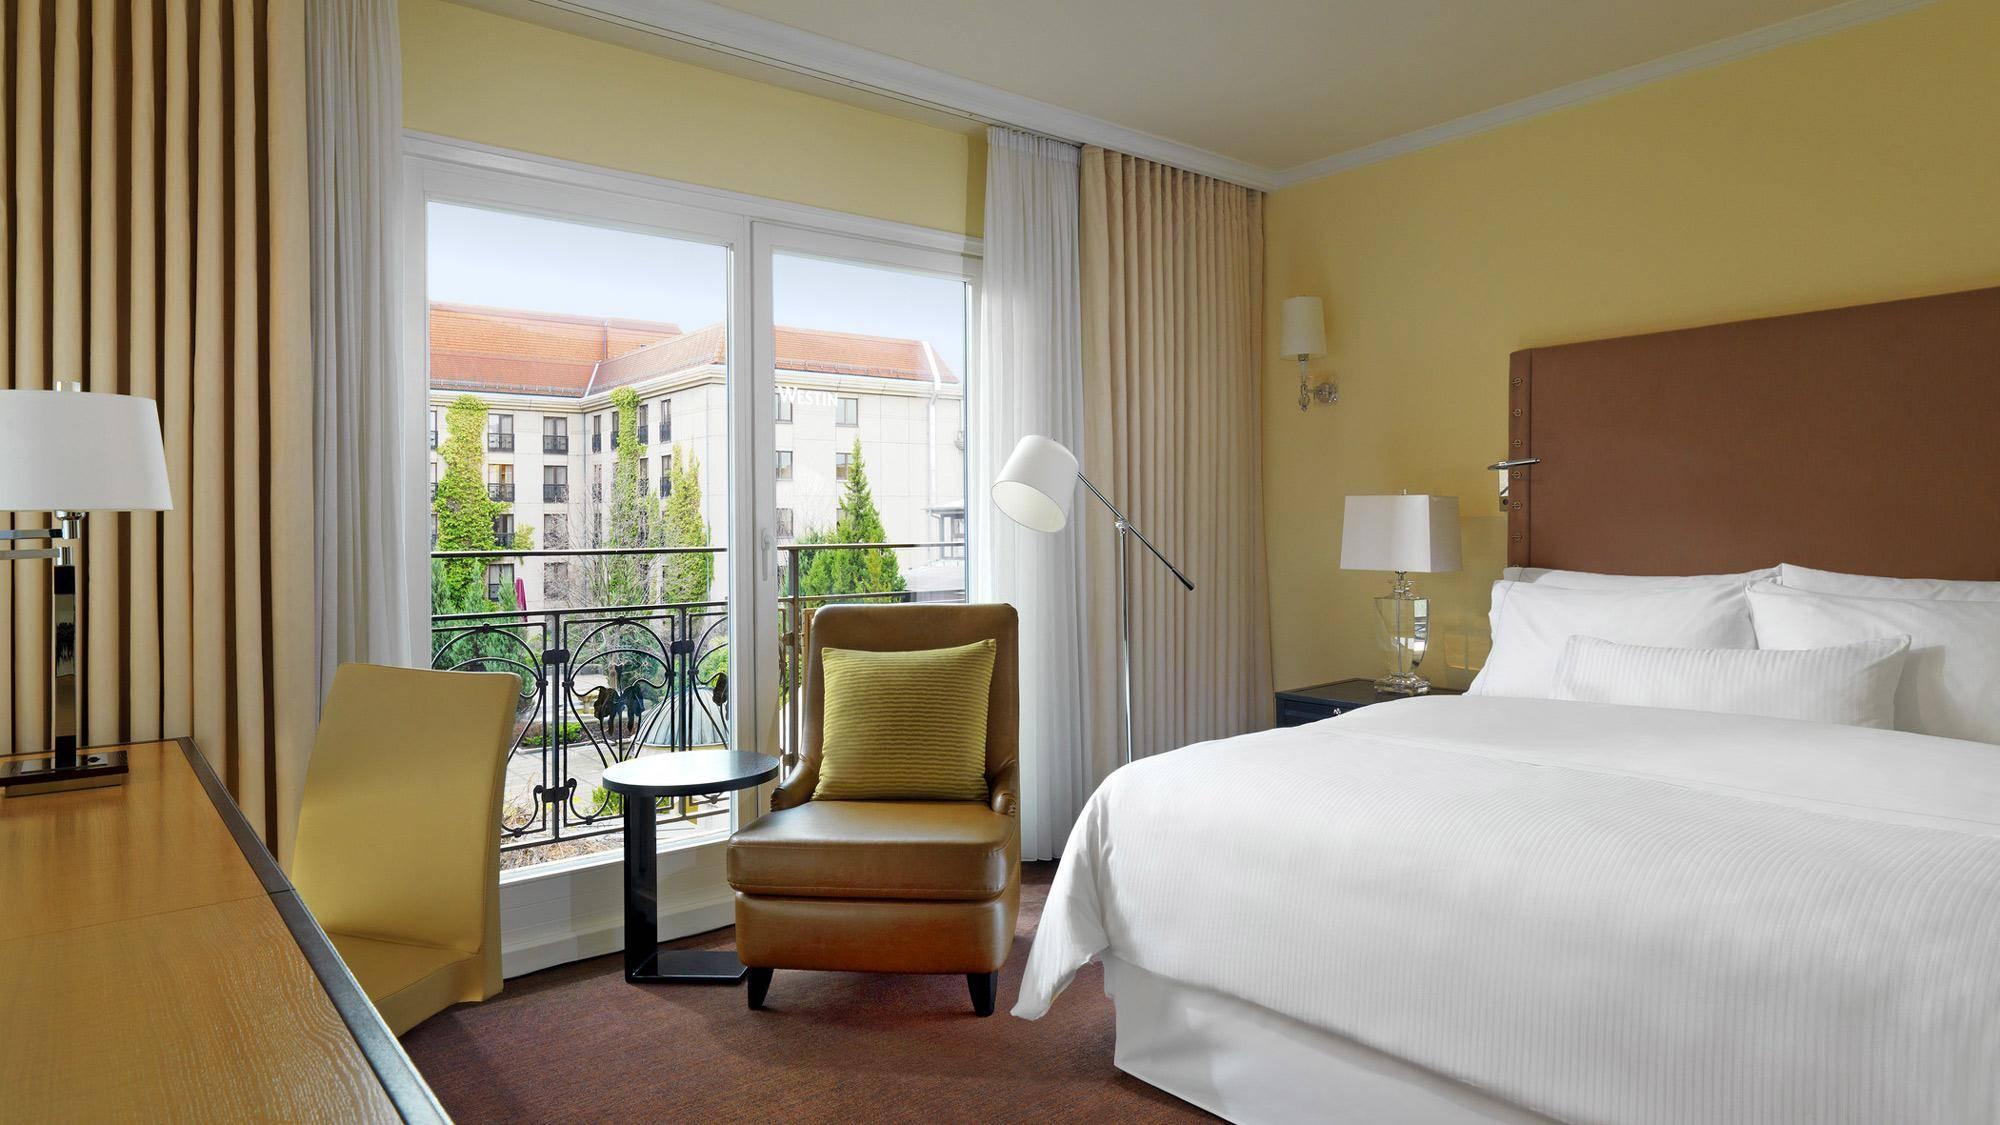 Отели в центре берлина — 5 лучших вариантов размещения